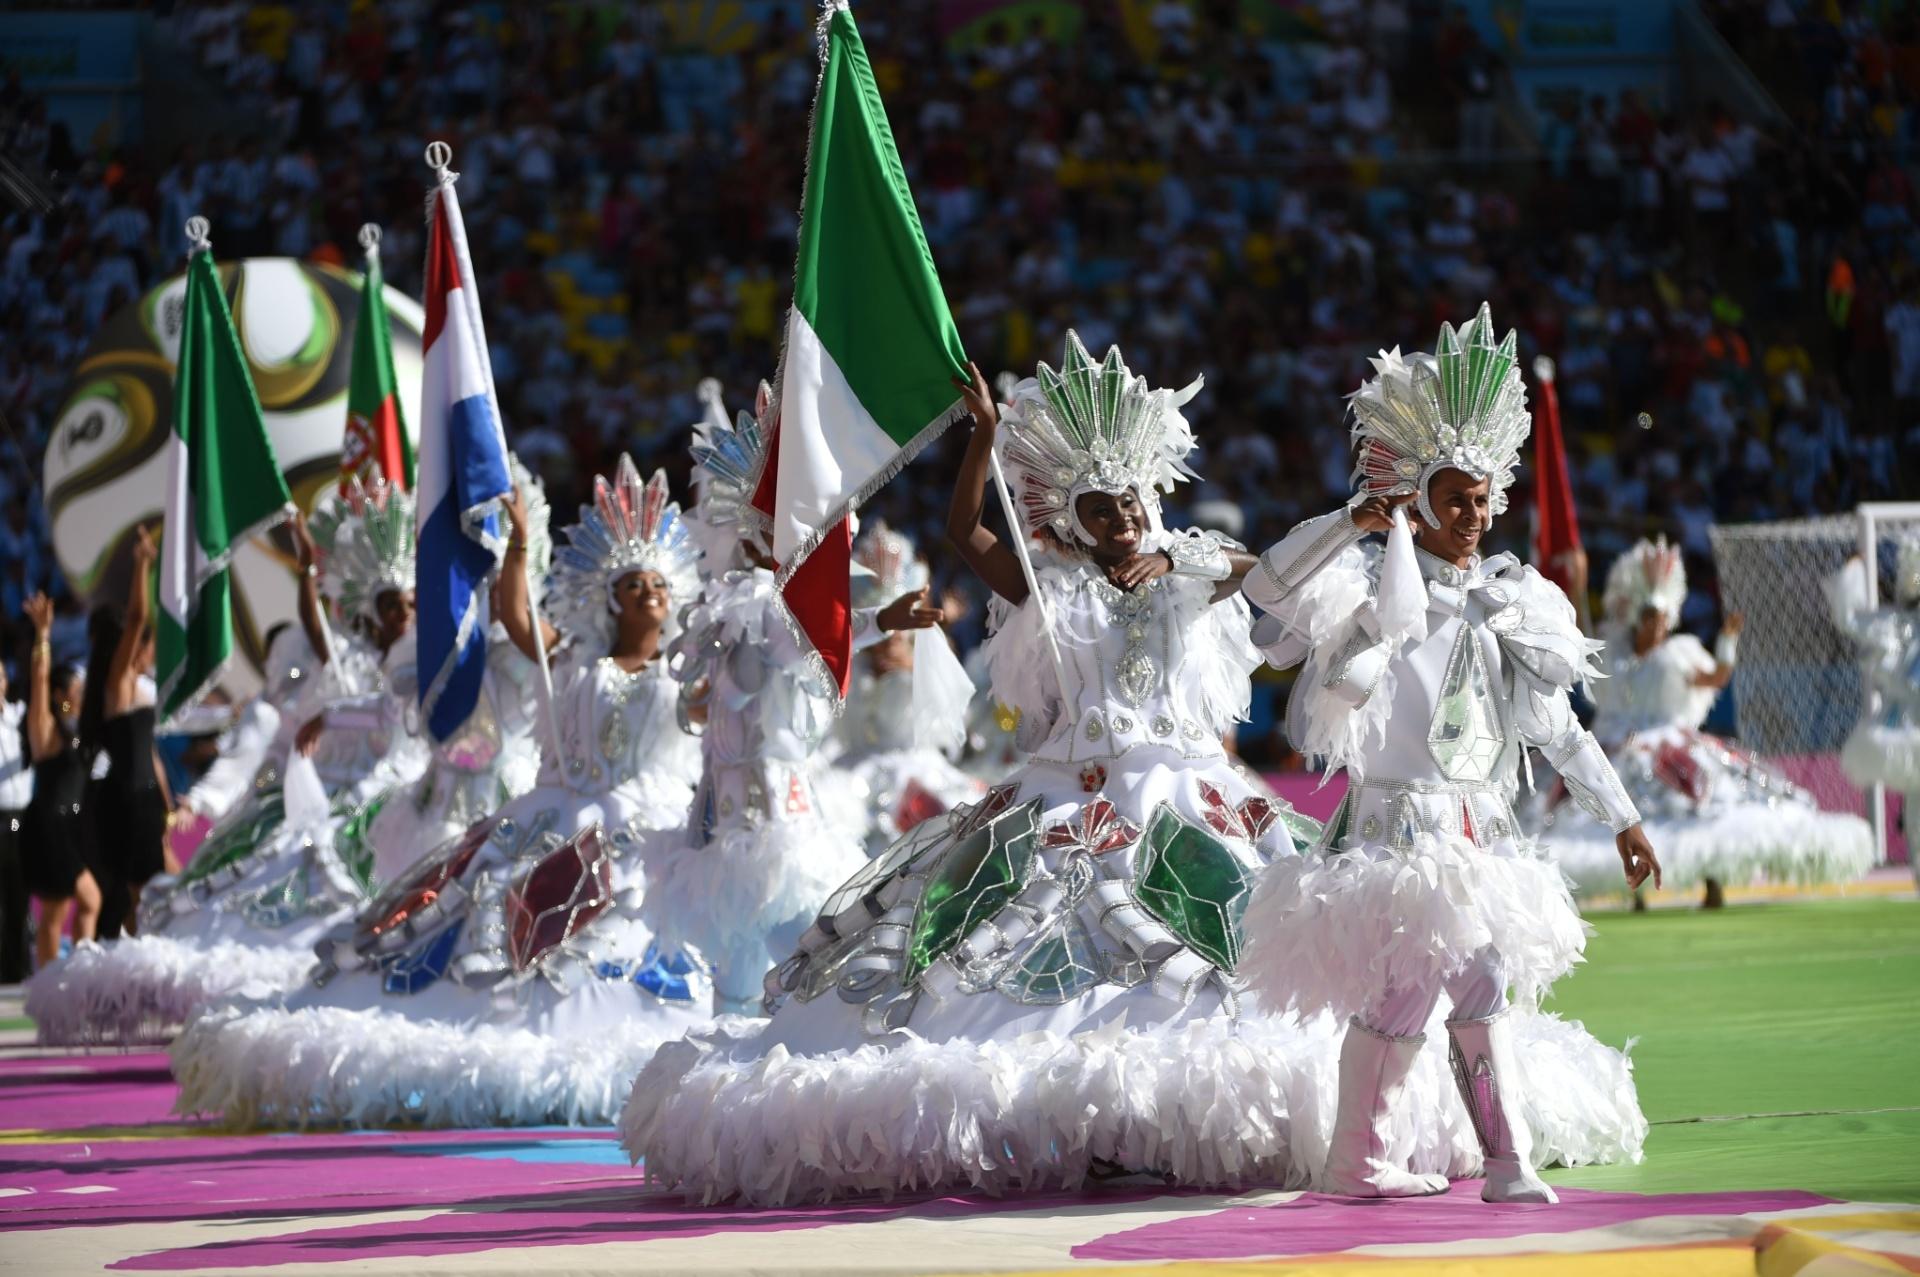 Cerimônia de encerramento da Copa do Mundo começa no Maracanã antes da partida final entre Alemanha e Argentina